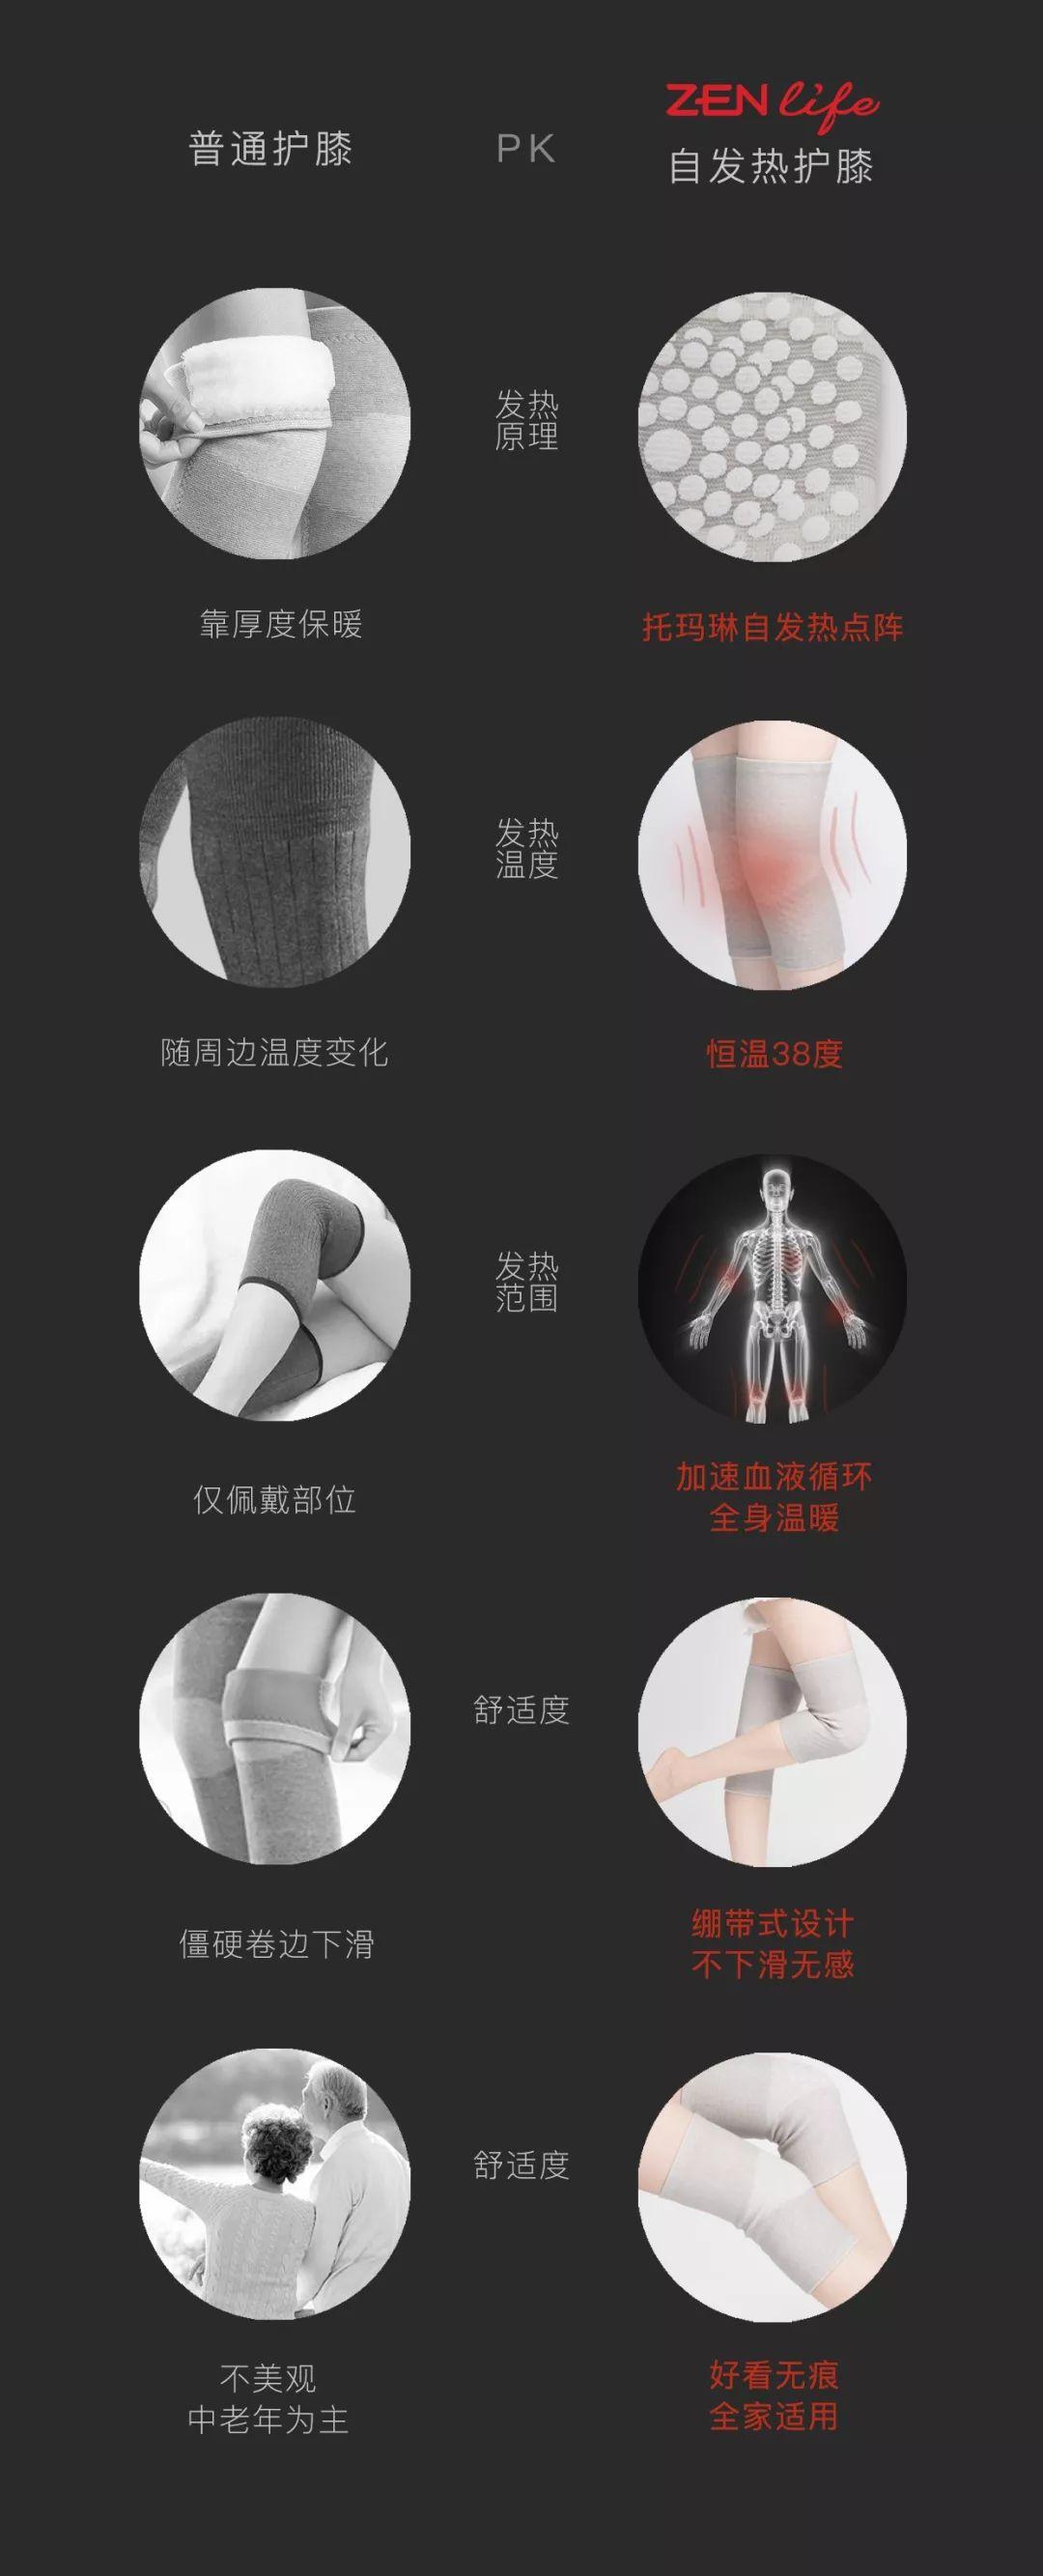 膝盖正面图片结构图